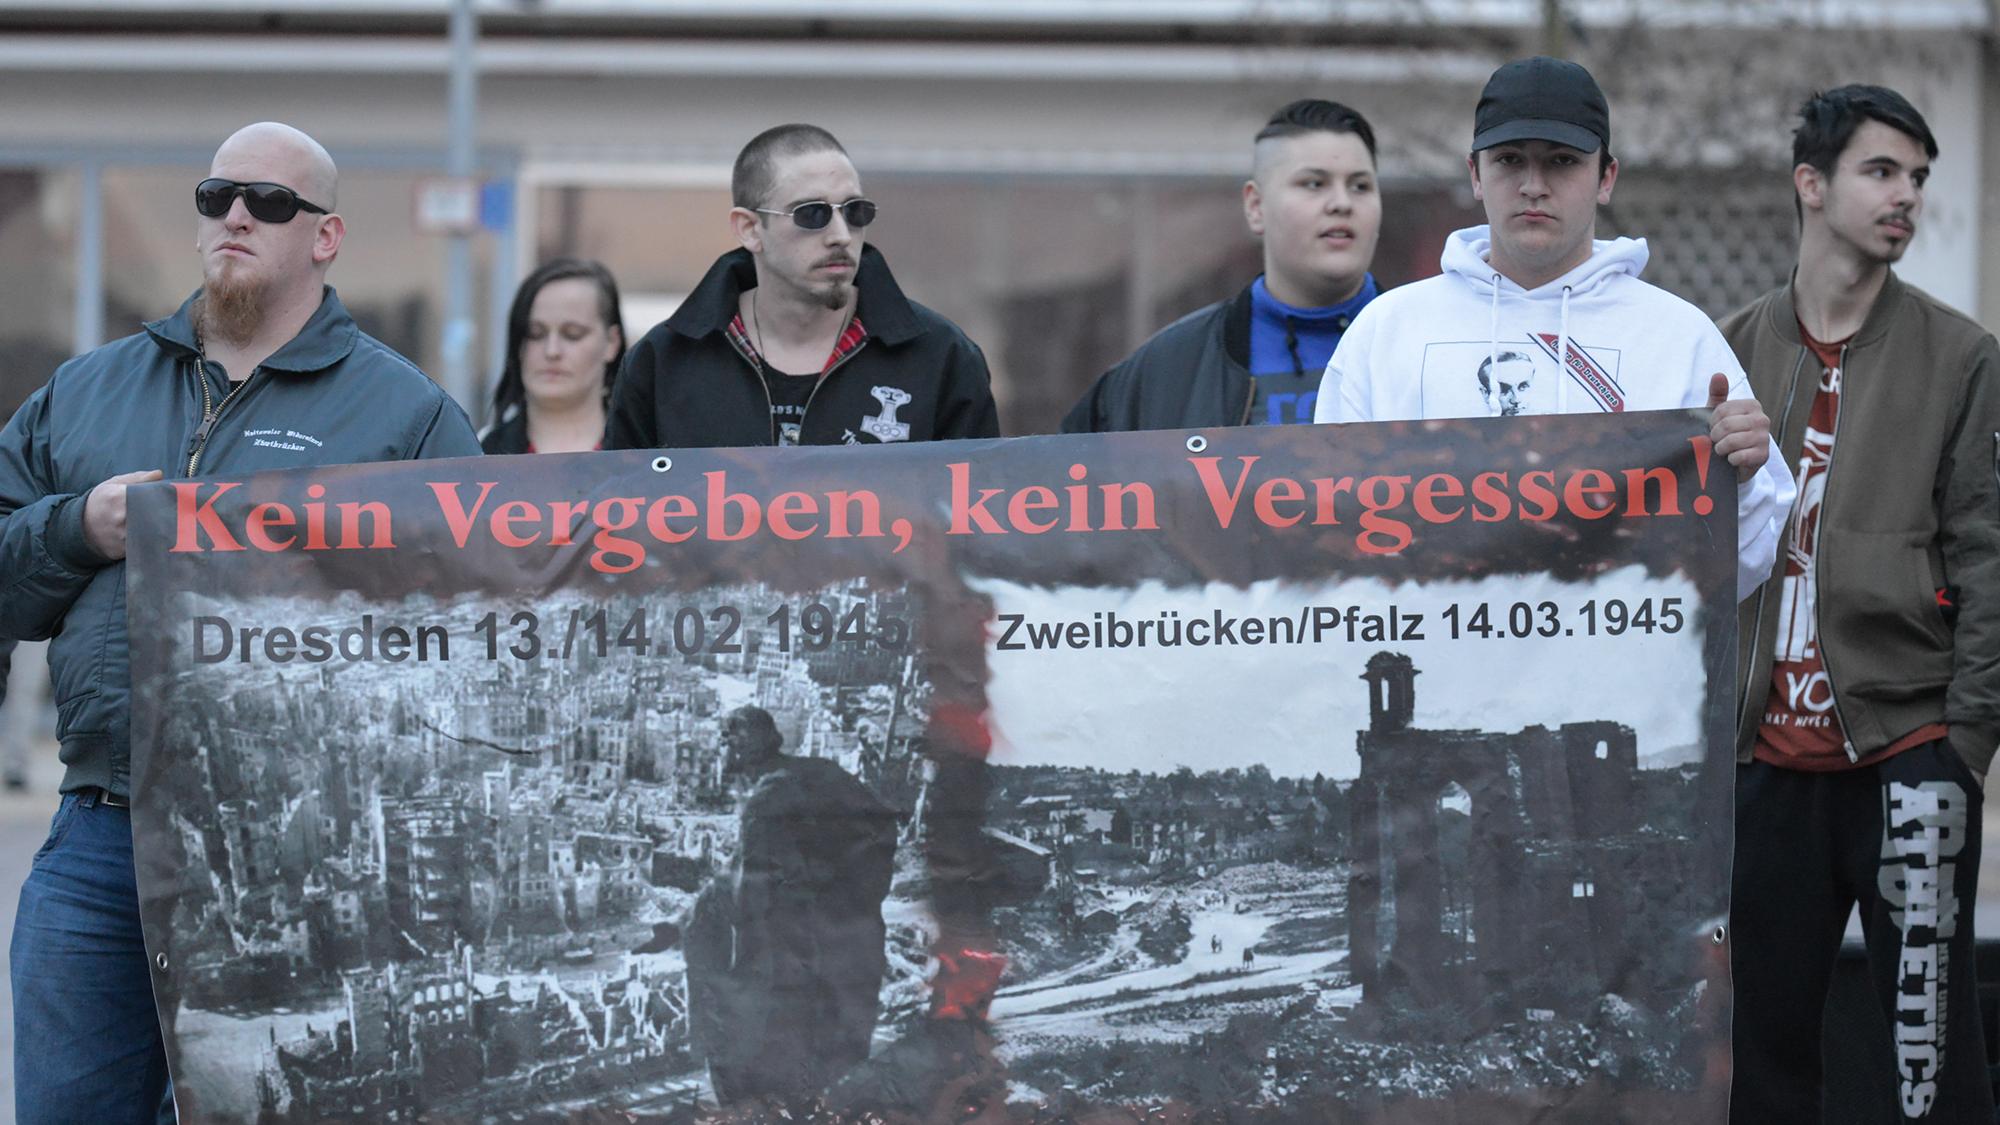 Berlin mann sucht frau image 2